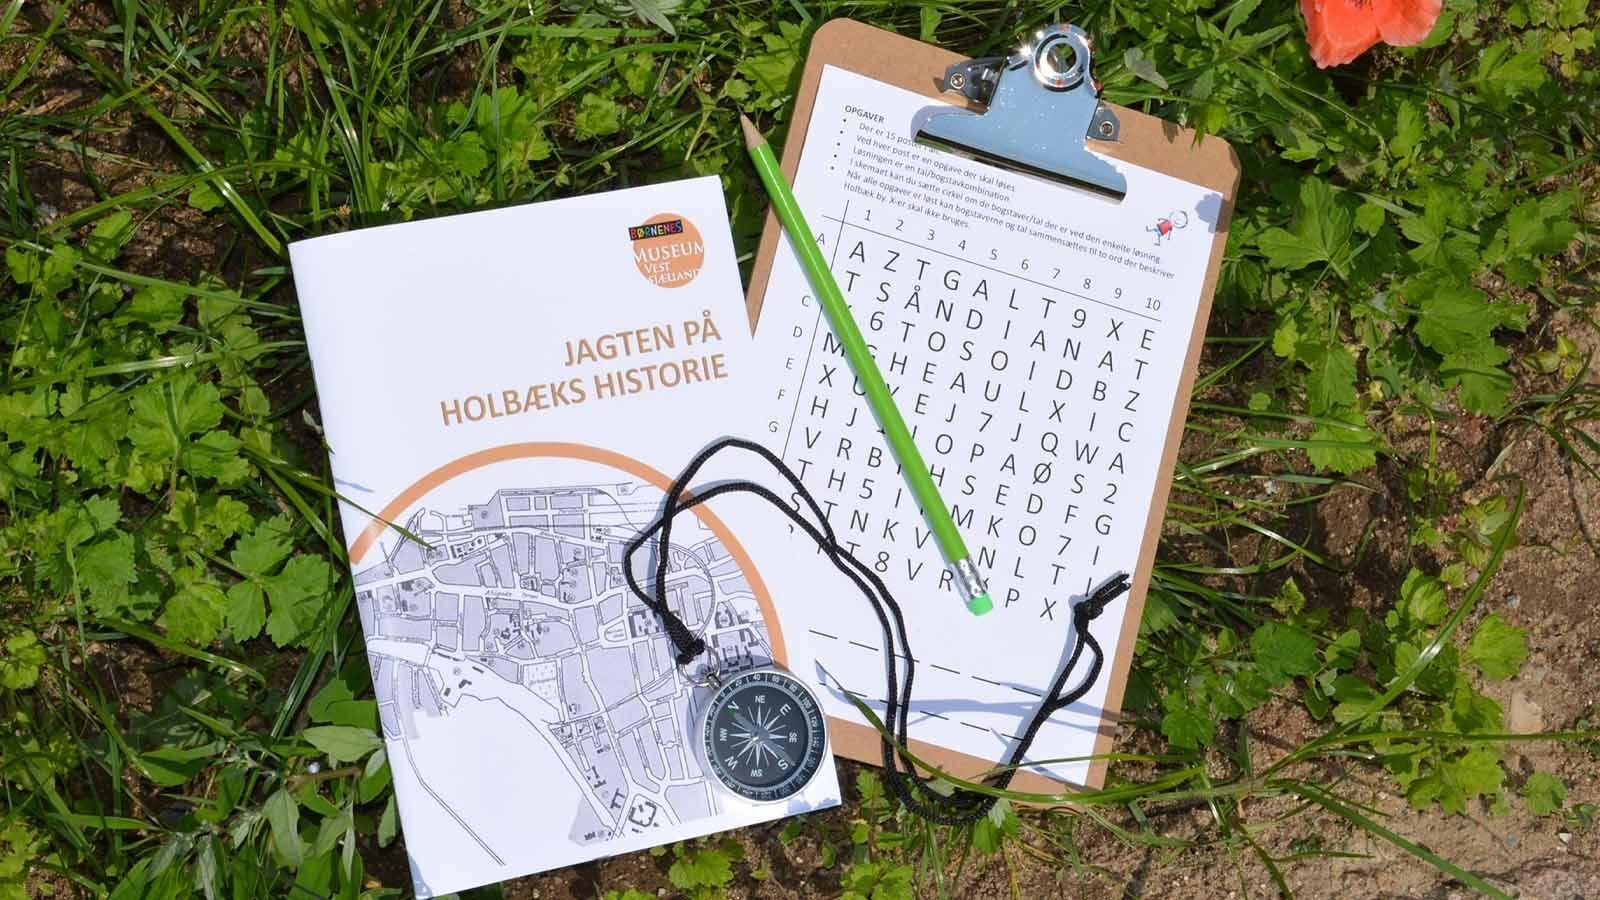 Jagten på Holbæks historie - posens indhold